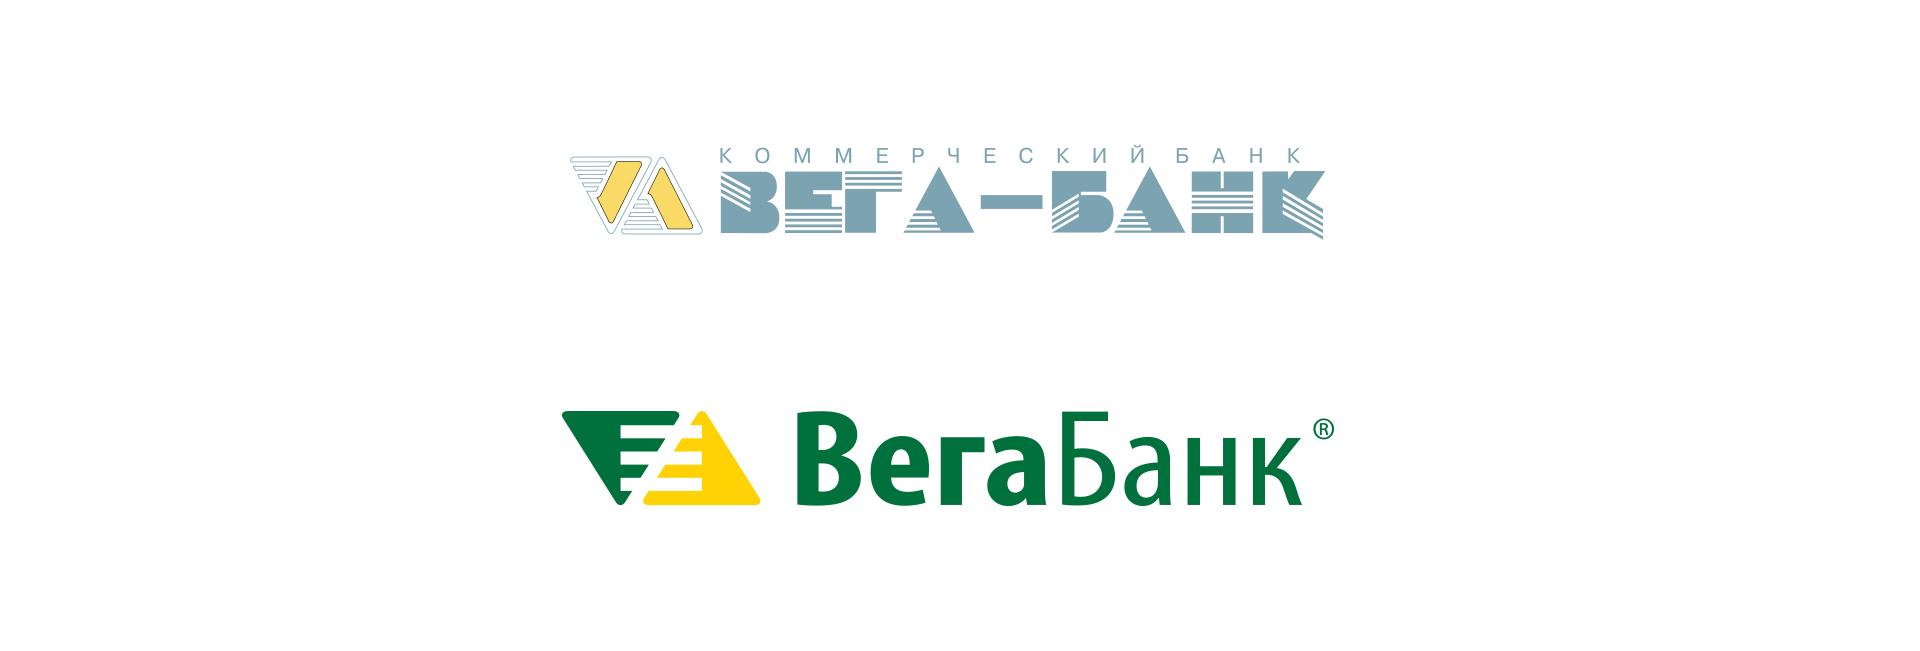 Редизайн логотипа ВегаБанк